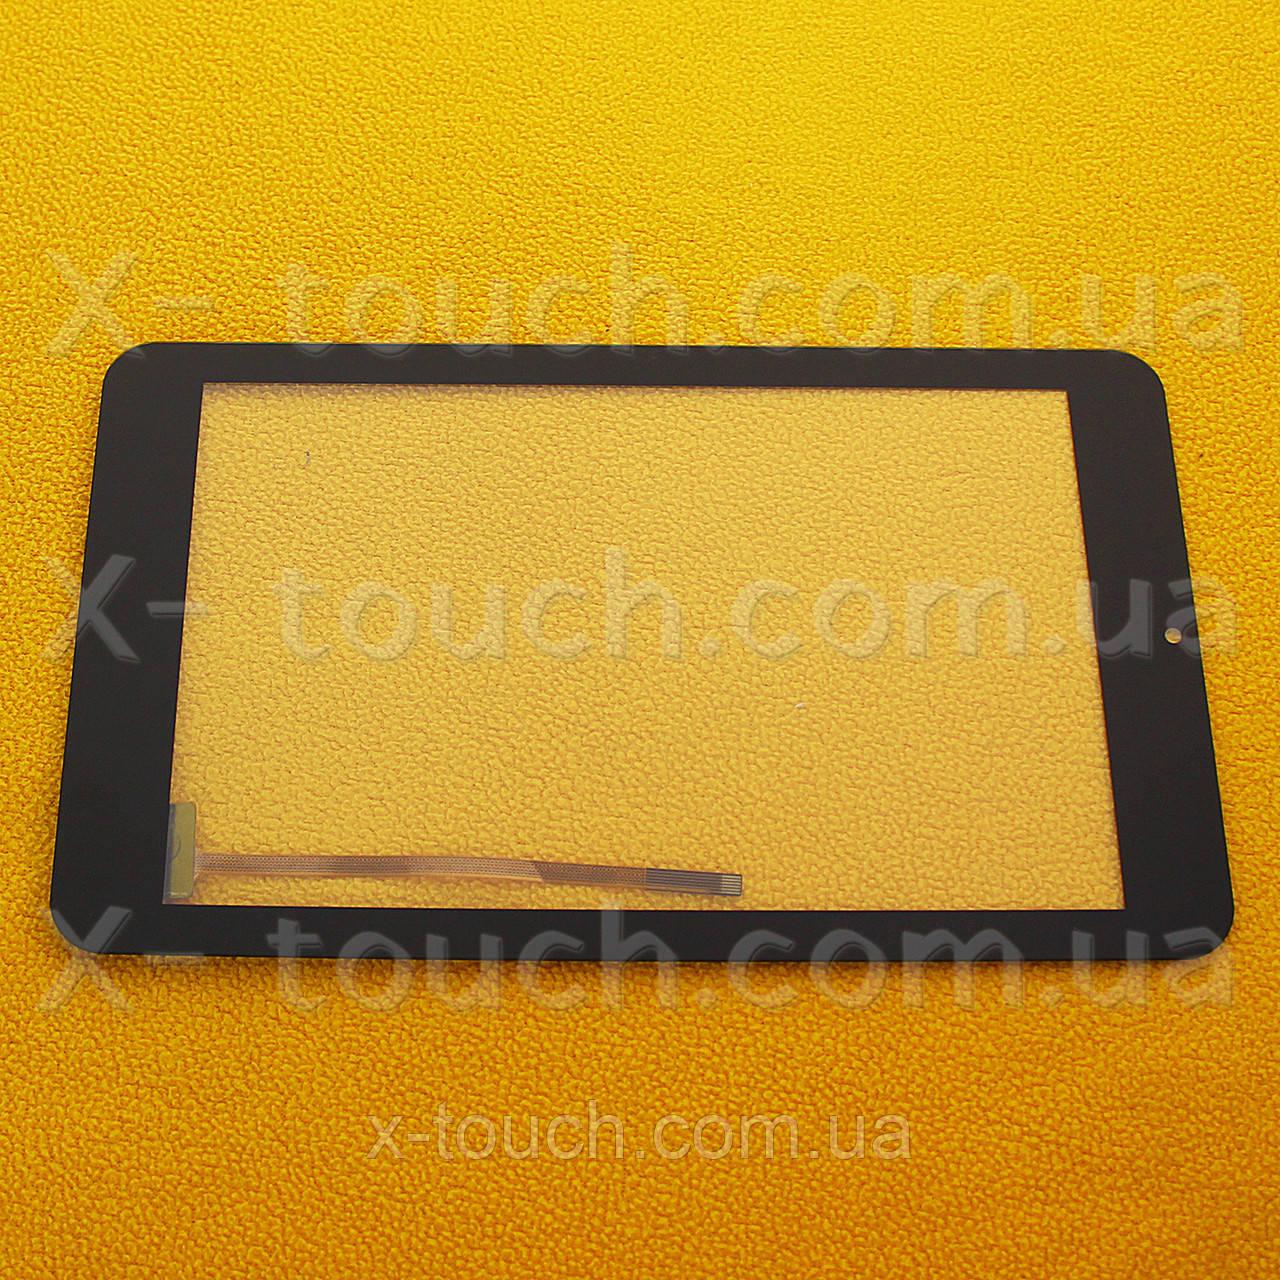 Тачскрин, сенсор  QSD E-C7080-03 черный для планшета